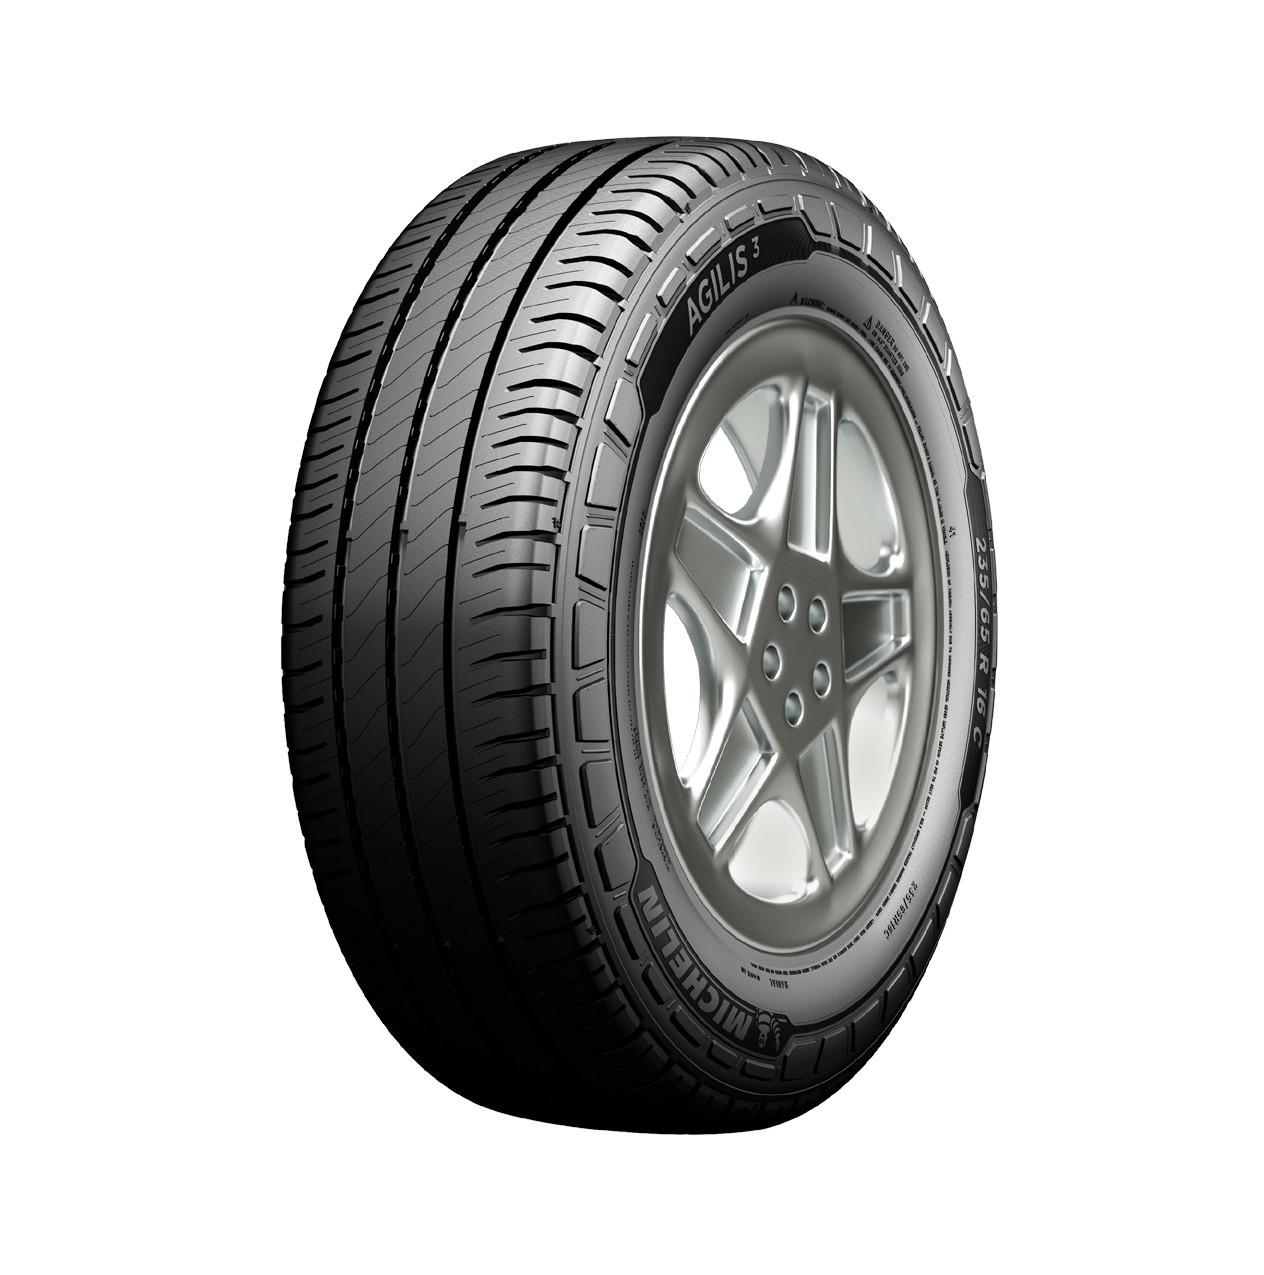 Michelin AGILIS 3 C 215/65 R16 106/104T kisteher nyári gumi